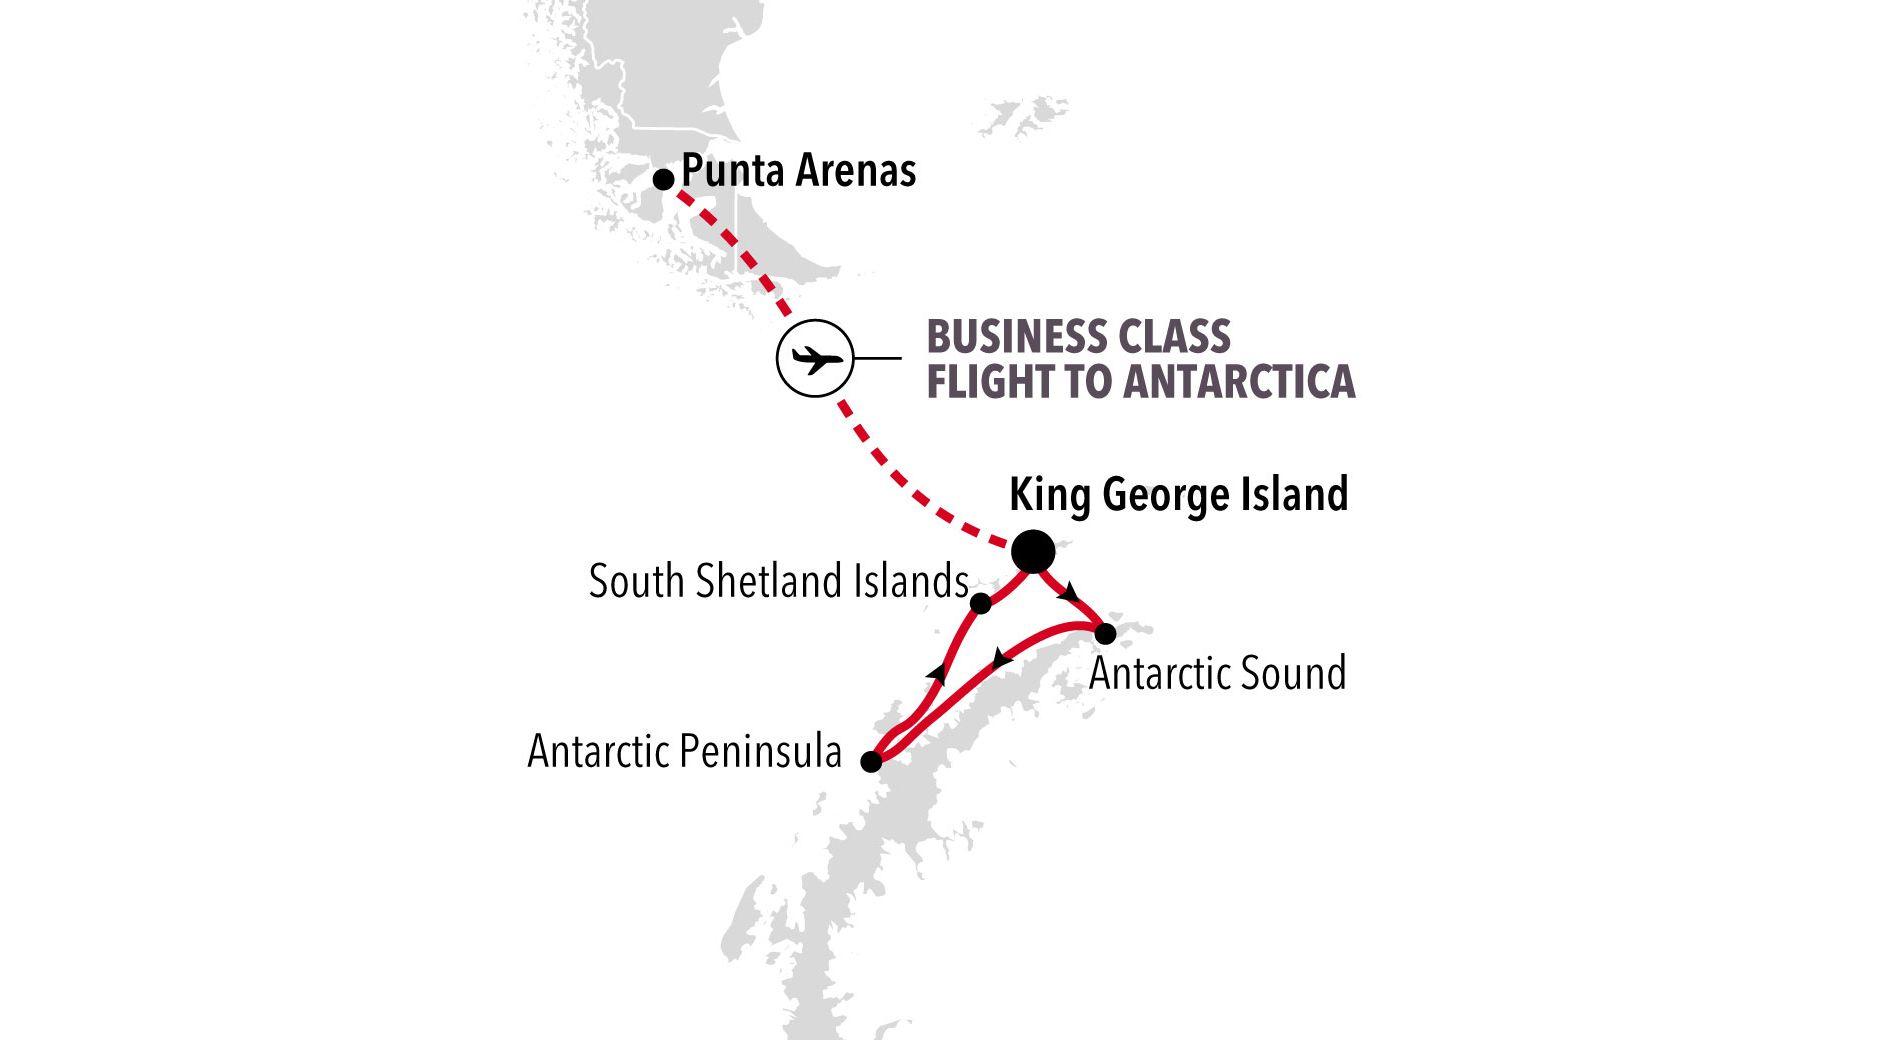 E1220317006 - King George Island nach King George Island